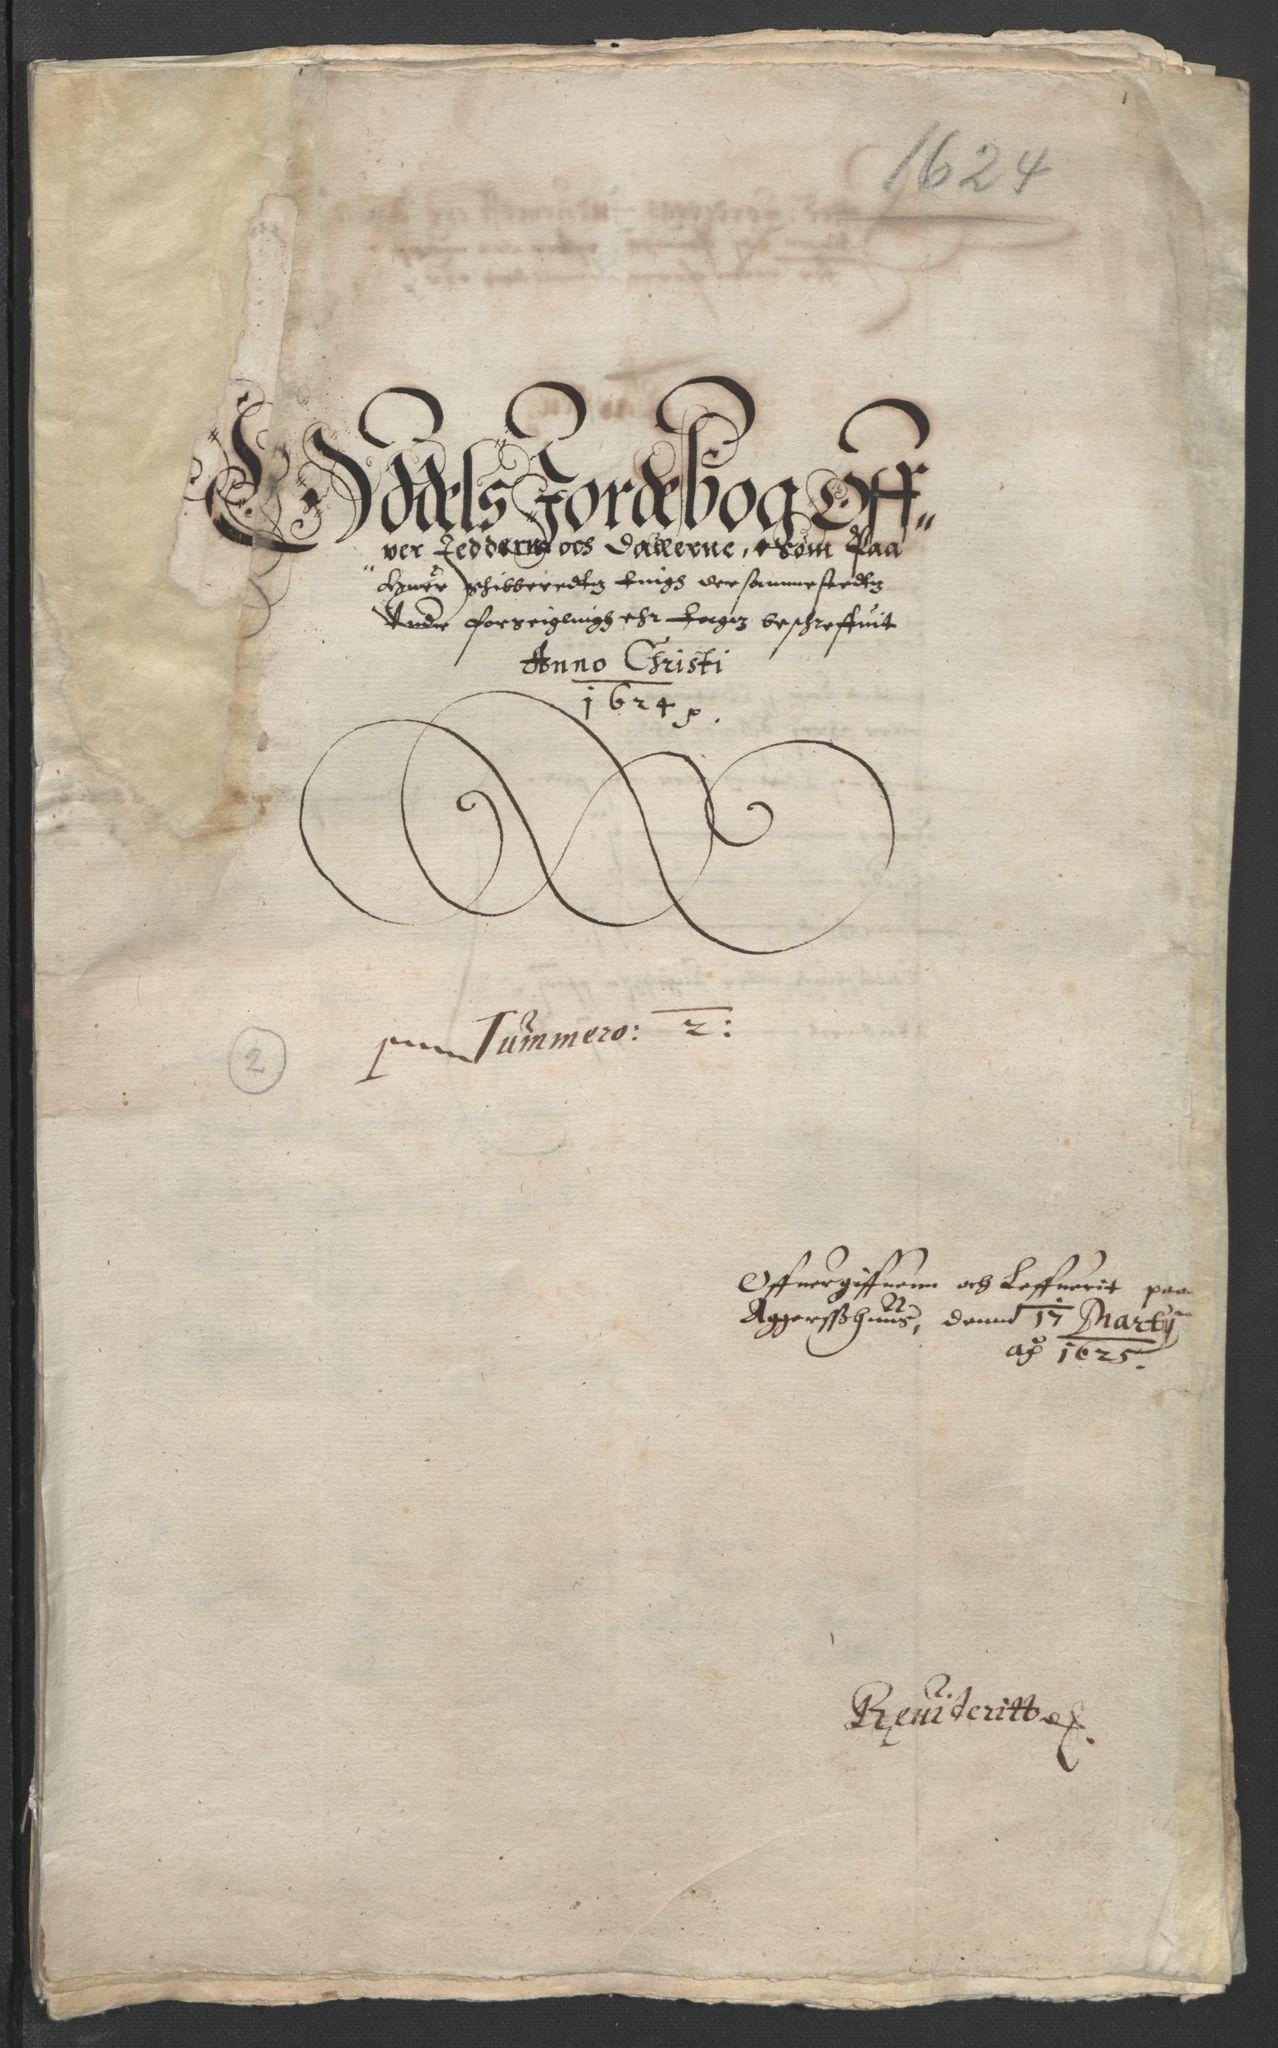 RA, Stattholderembetet 1572-1771, Ek/L0010: Jordebøker til utlikning av rosstjeneste 1624-1626:, 1624-1626, s. 35